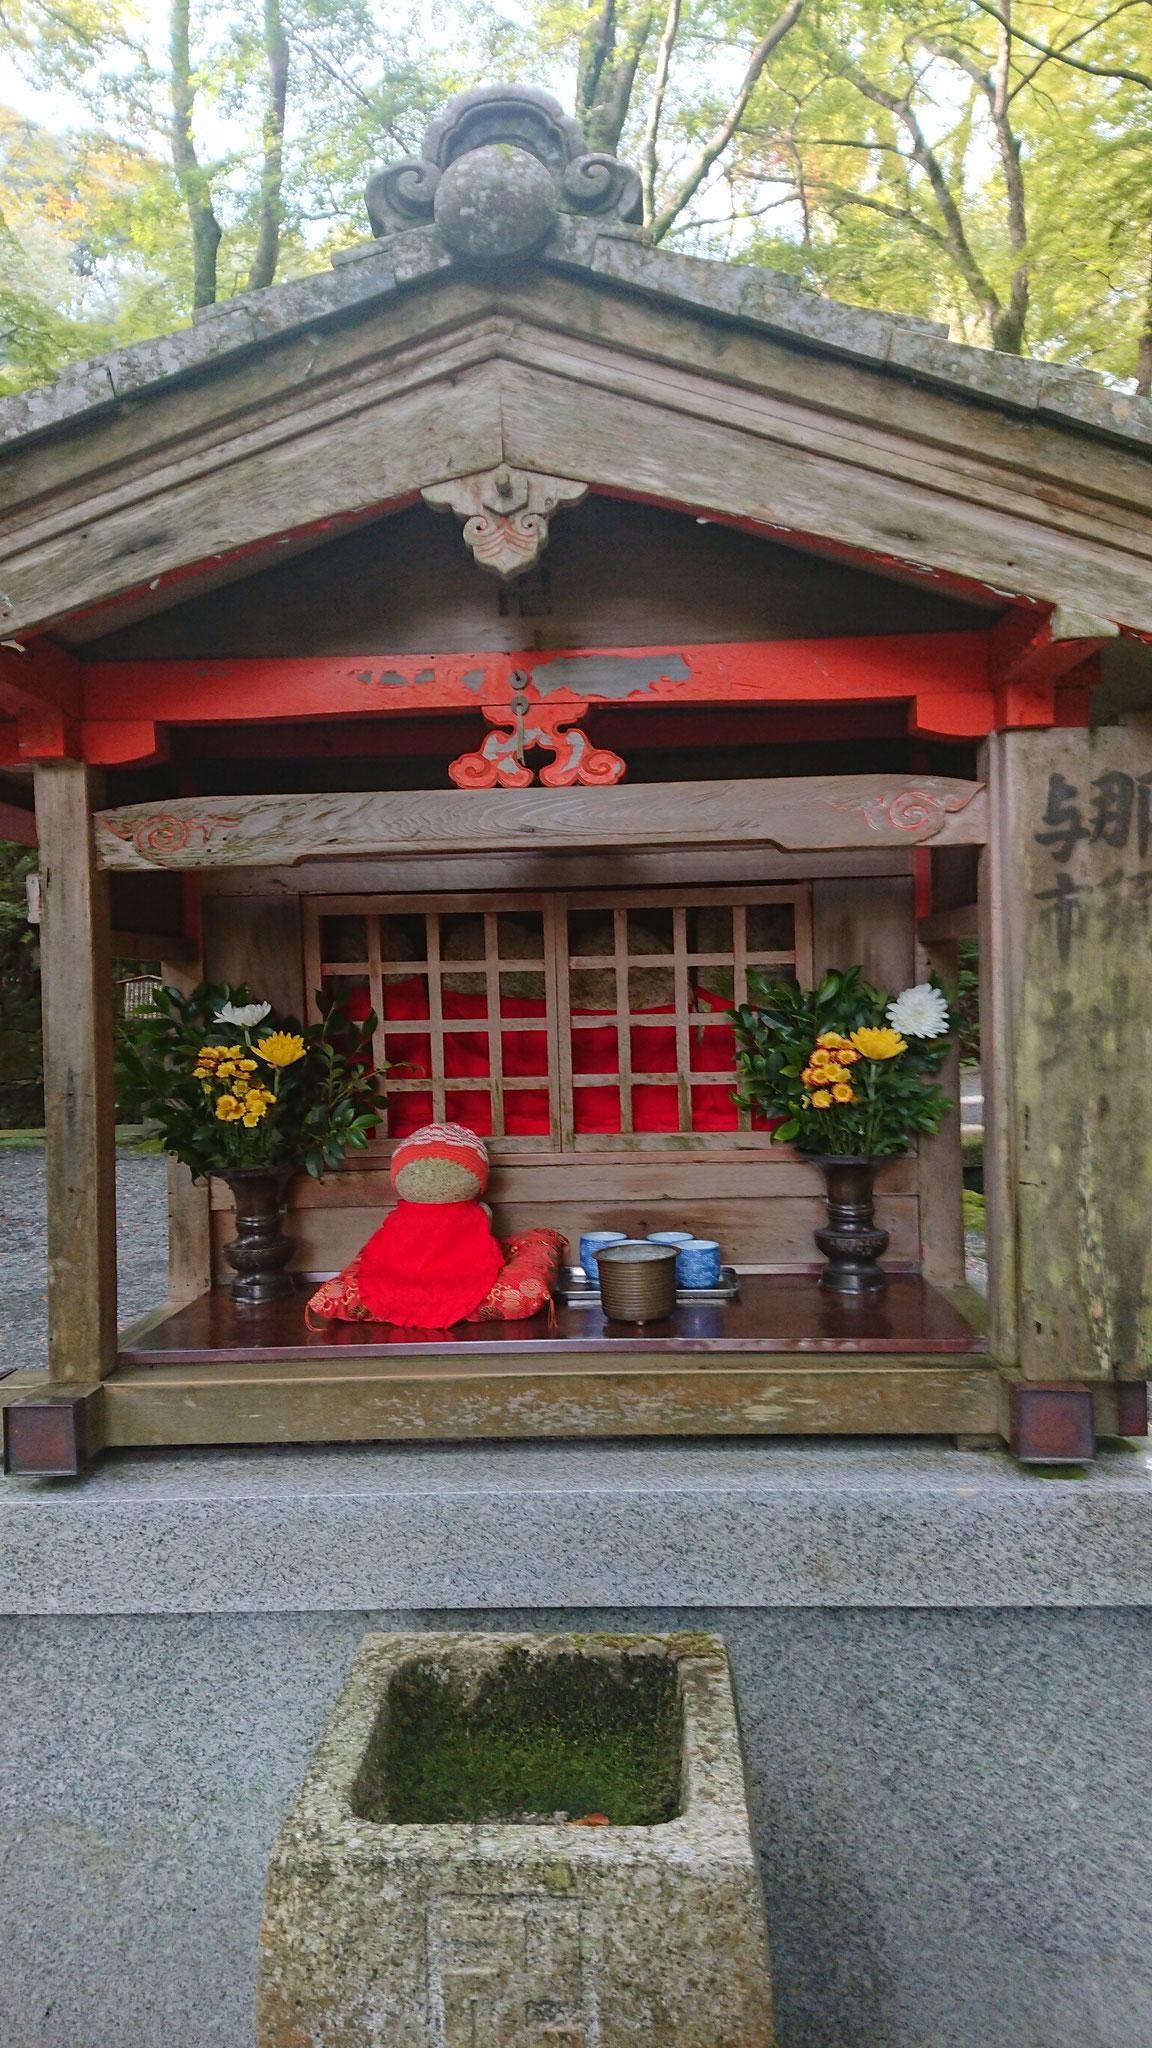 那須与一地蔵 『平家物語』扇の的を射抜く話で有名な那須の与一